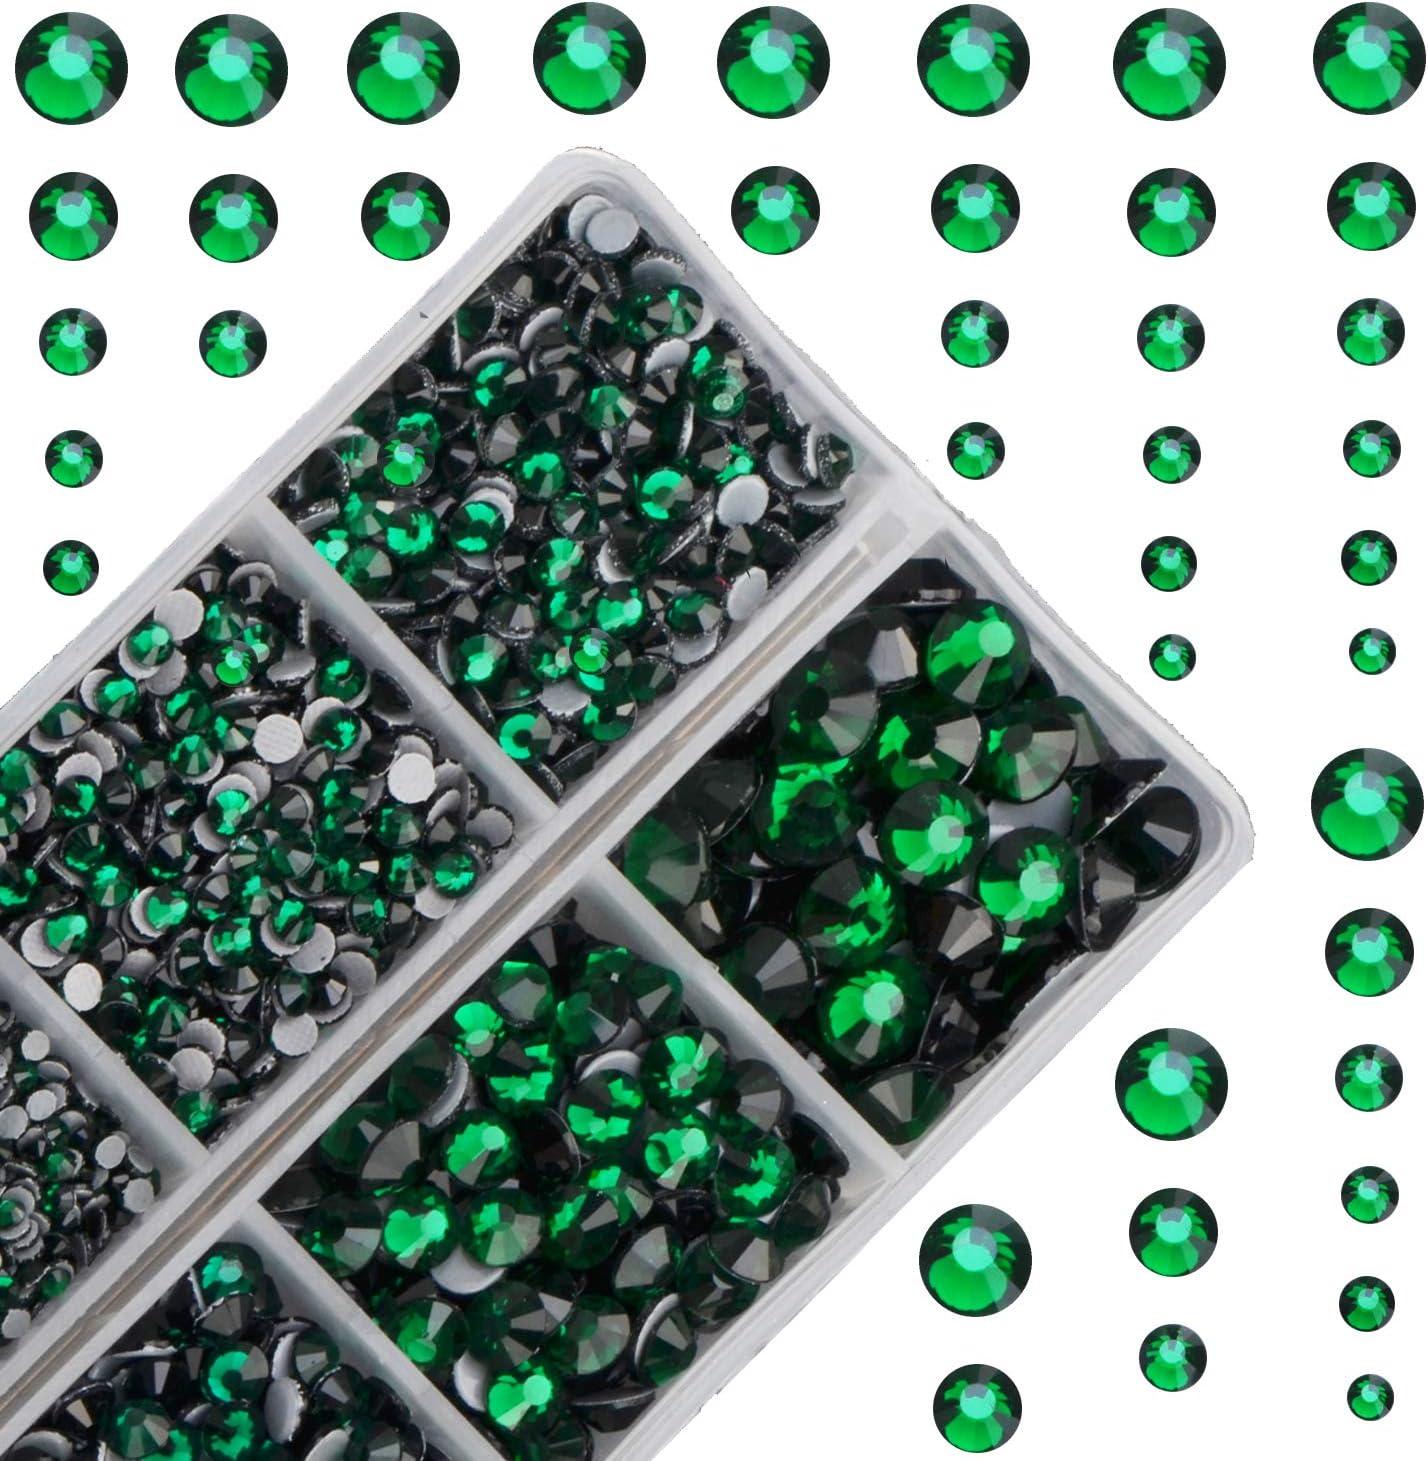 4mm Great Quality Hot Fix//Iron On Peridot Green Flatback Round HOTFIX SS16